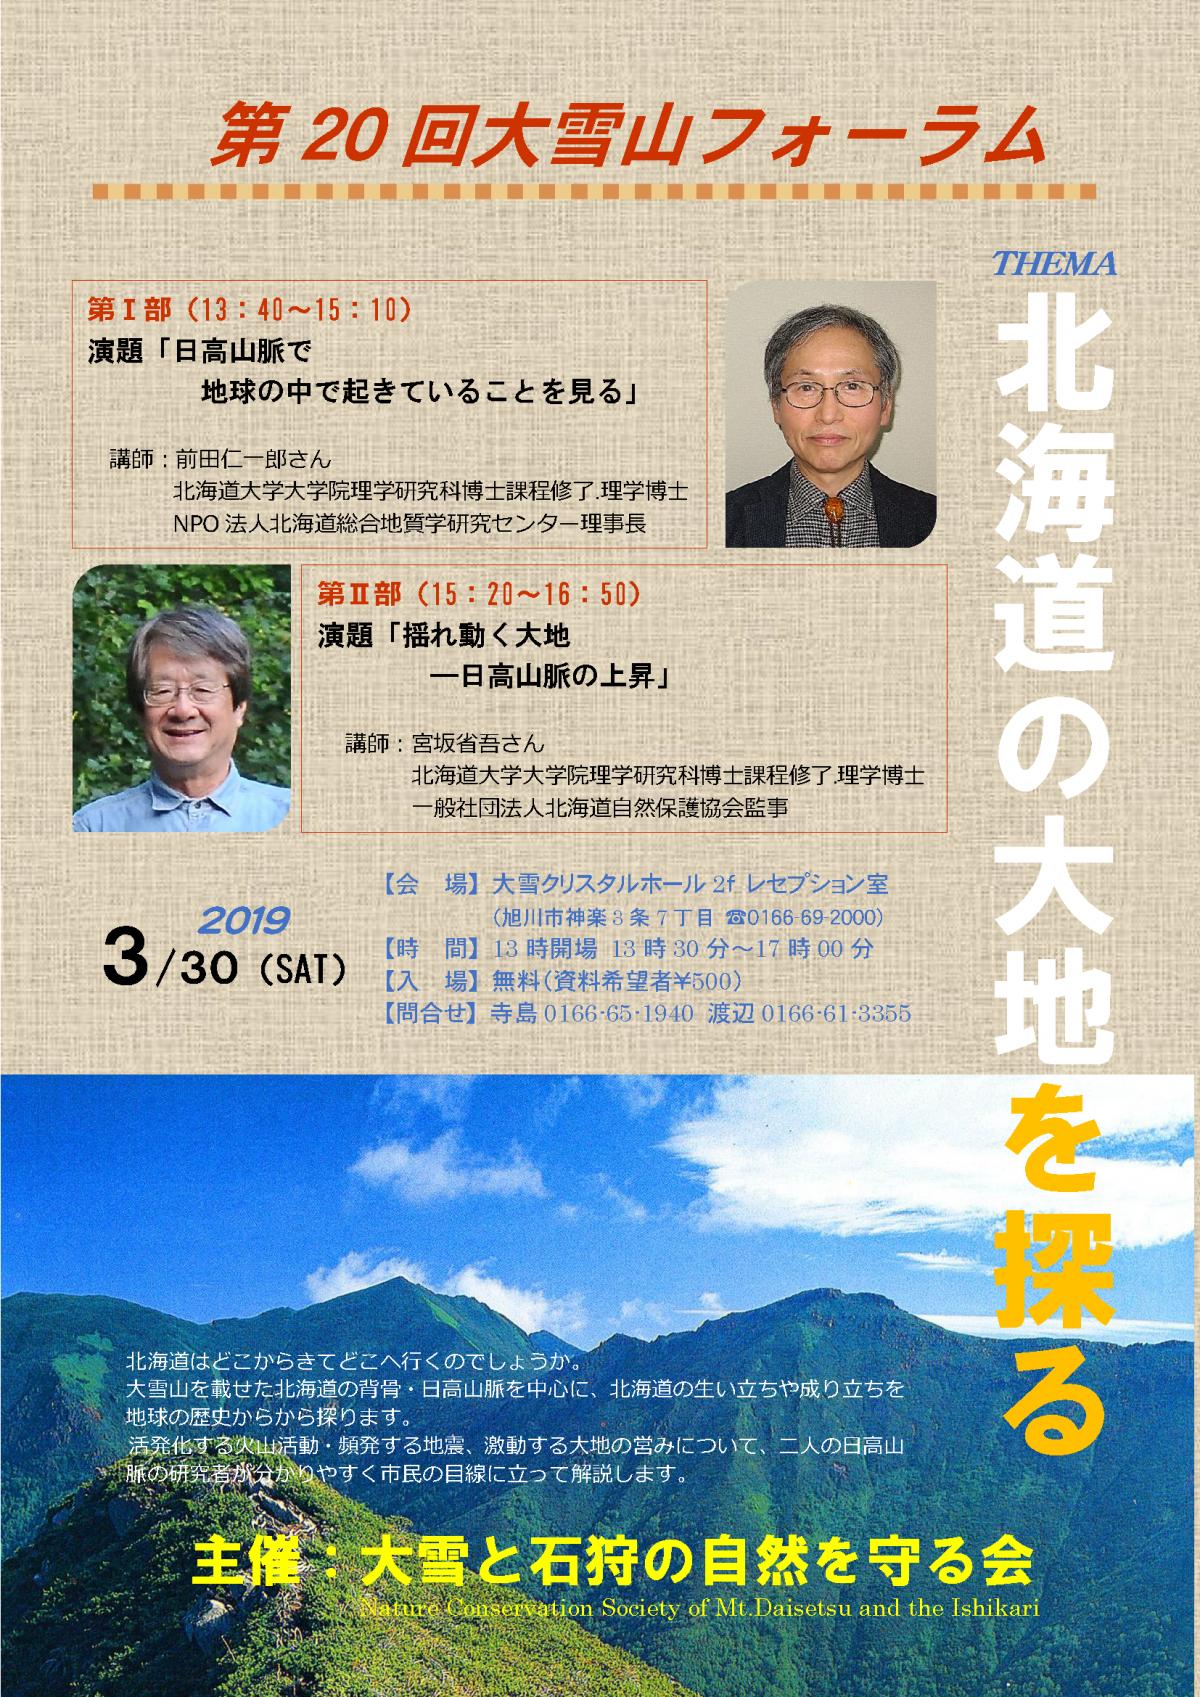 [お知らせ]2019年3月30日 大雪山フォーラム『北海道の大地を探る』